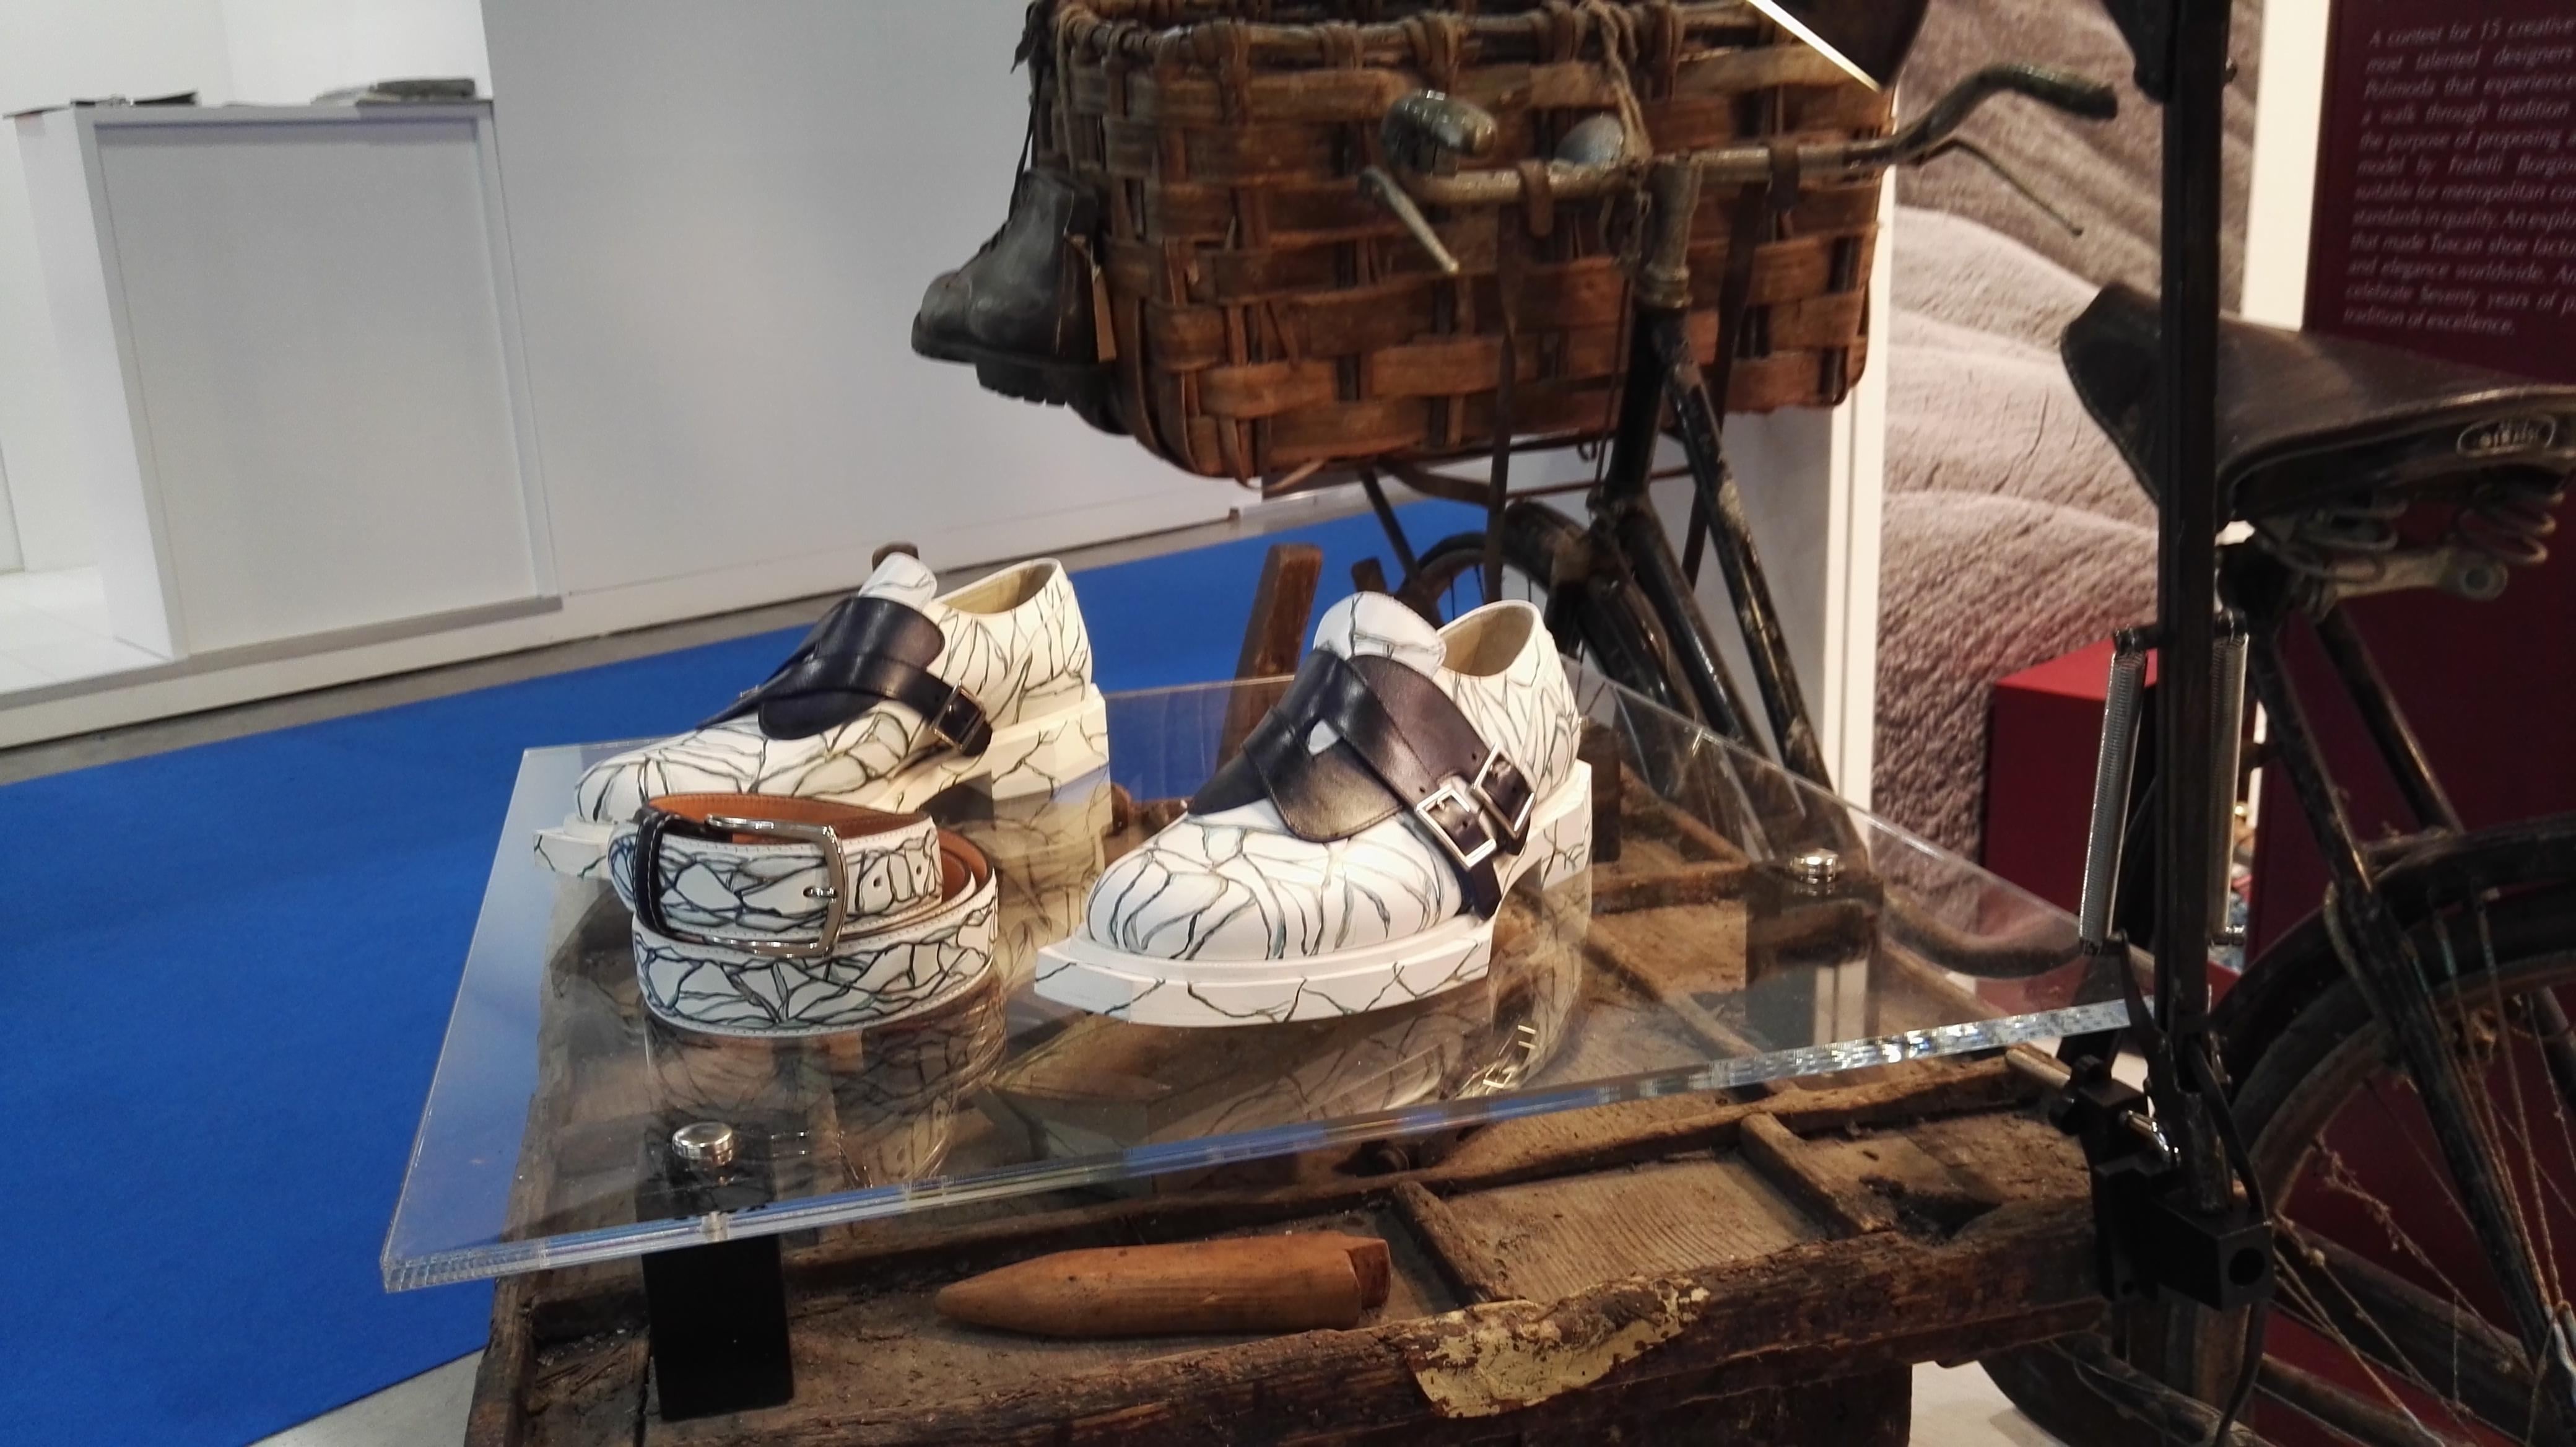 La calzatura dei